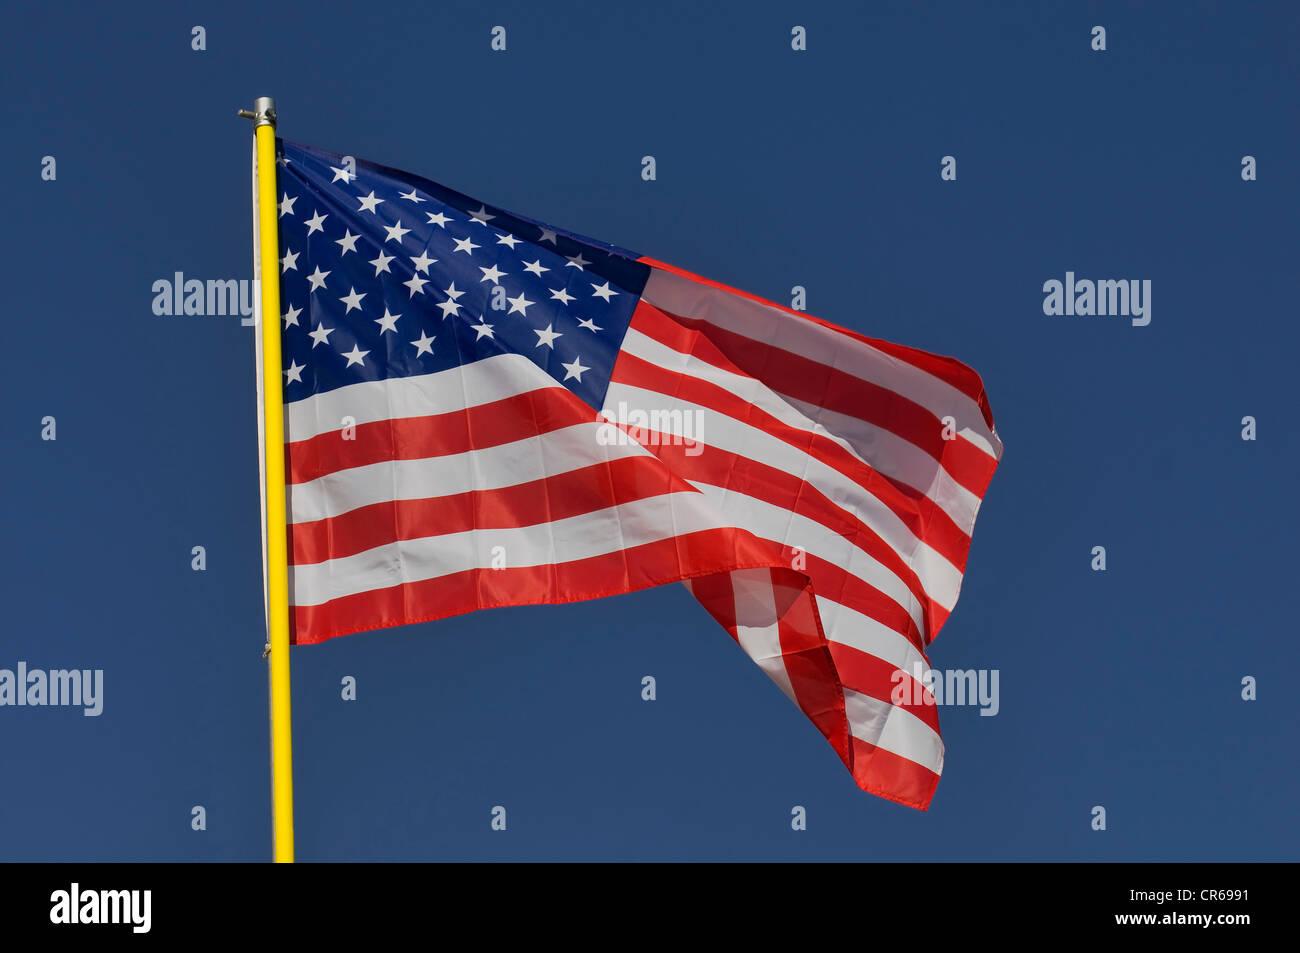 National flag of the USA - Stock Image